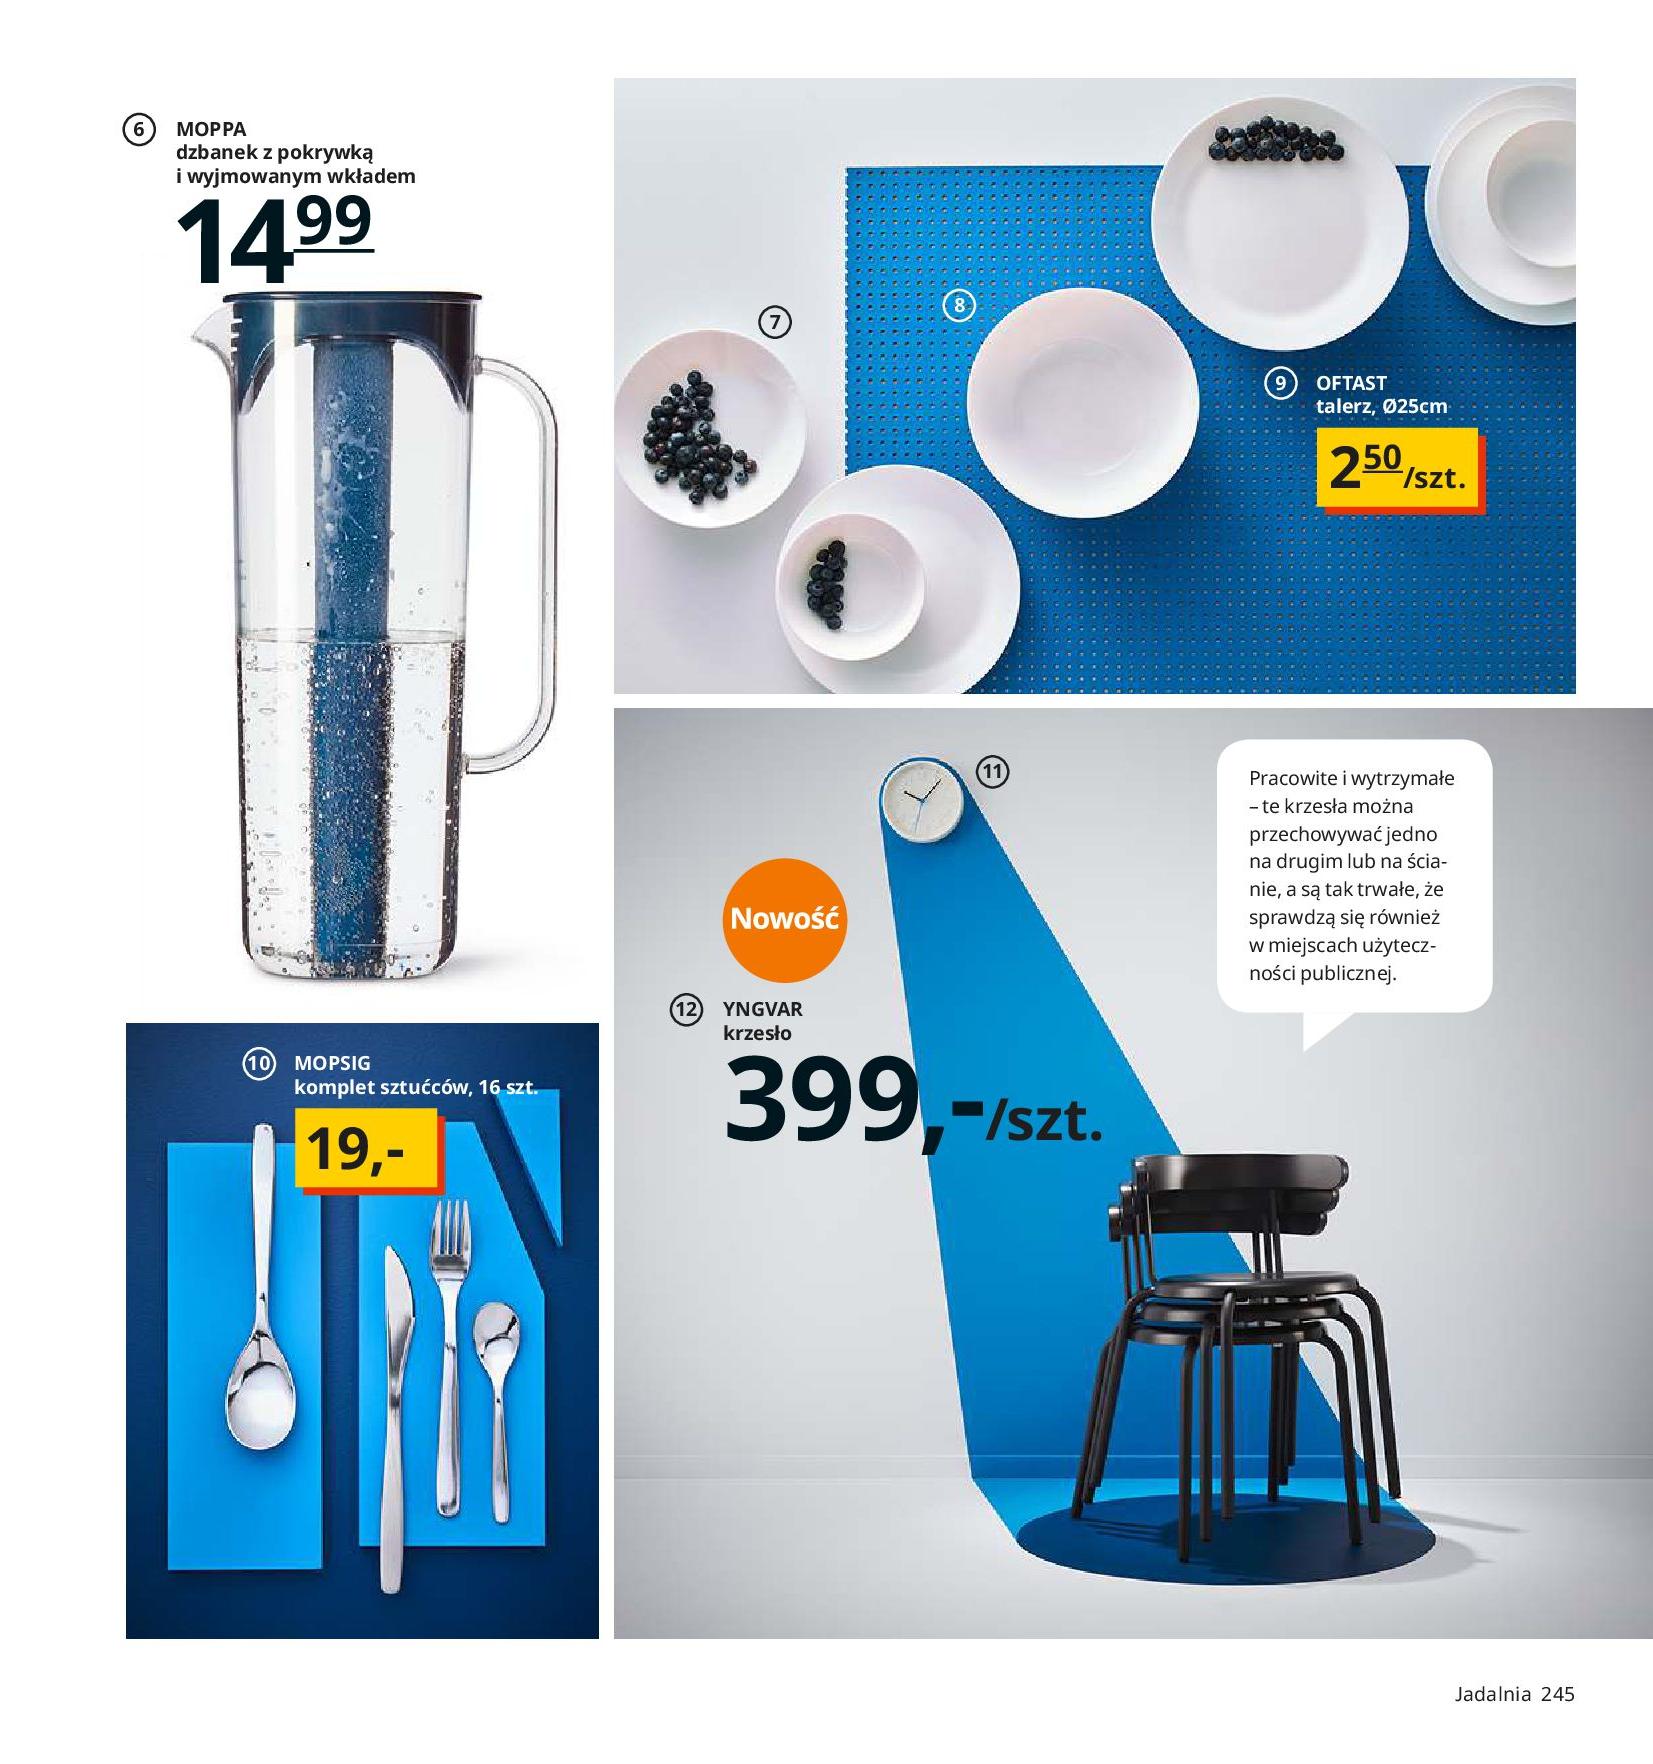 Gazetka IKEA - Katalog IKEA 2020-25.08.2019-31.07.2020-page-245